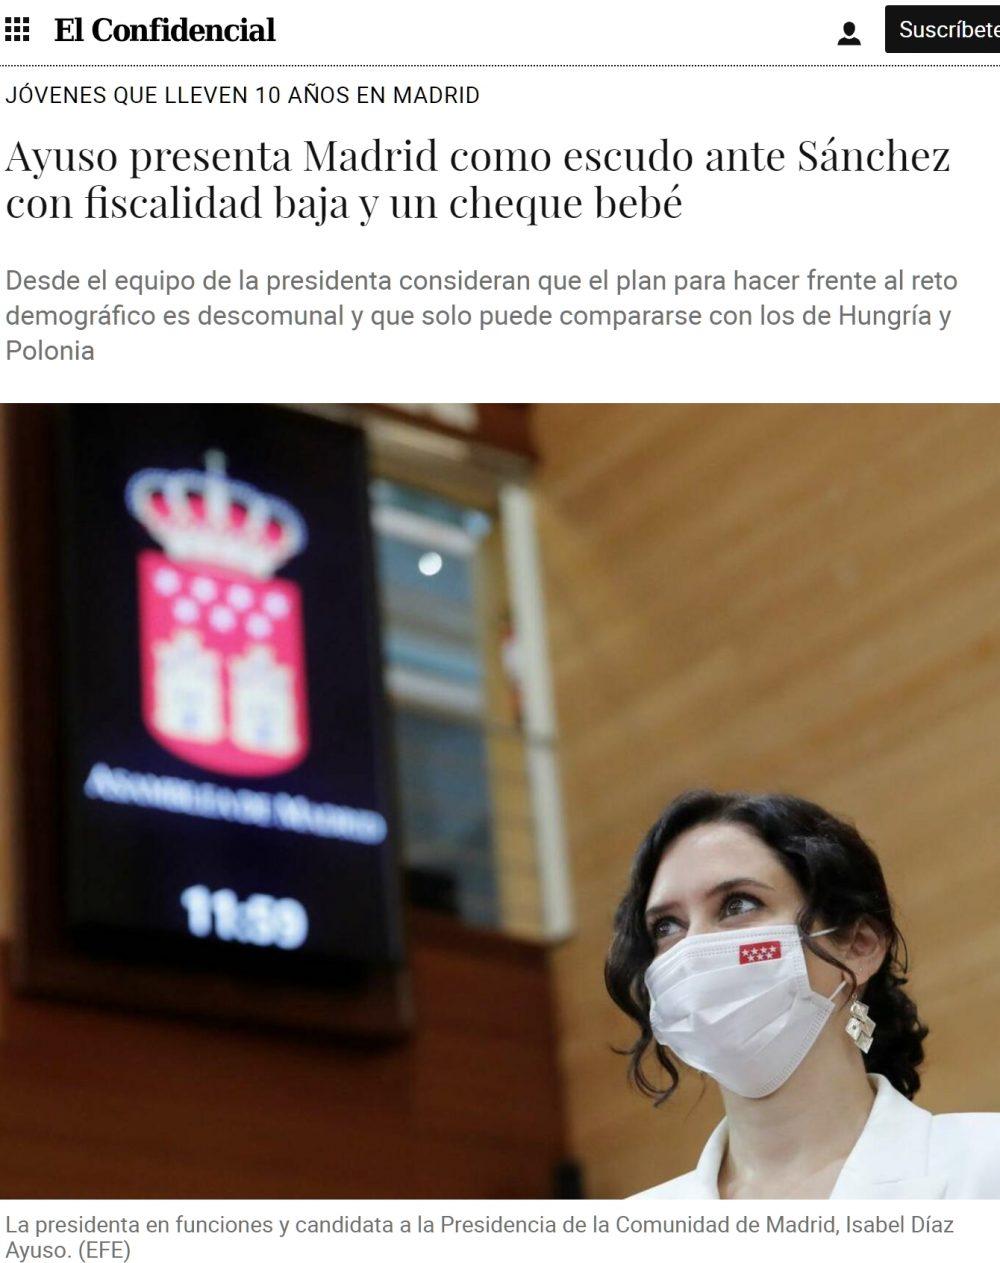 Ayuso presenta una paga para mujeres que lleven más de 10 años empadronadas en Madrid y decidan tener hijos